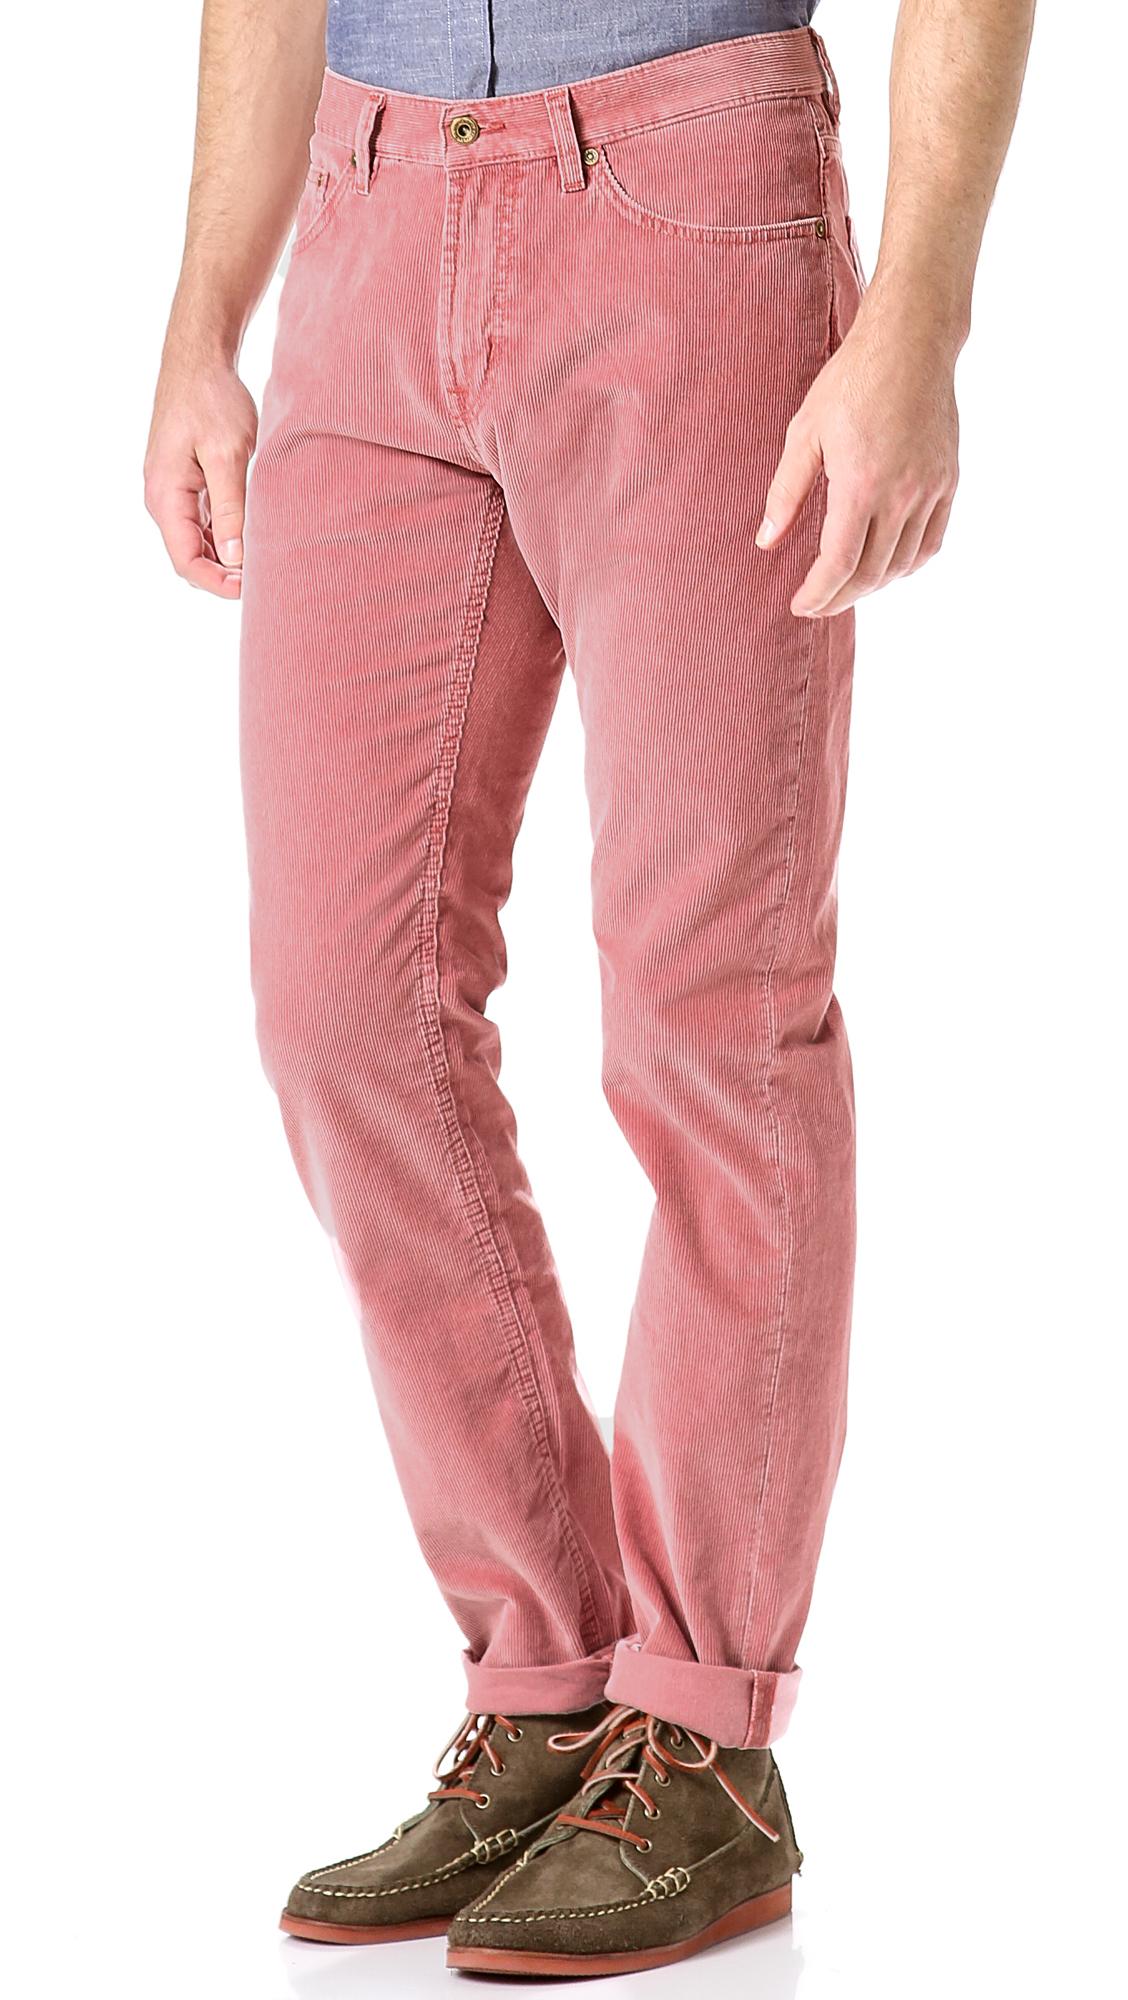 pink corduroy pants - Pi Pants